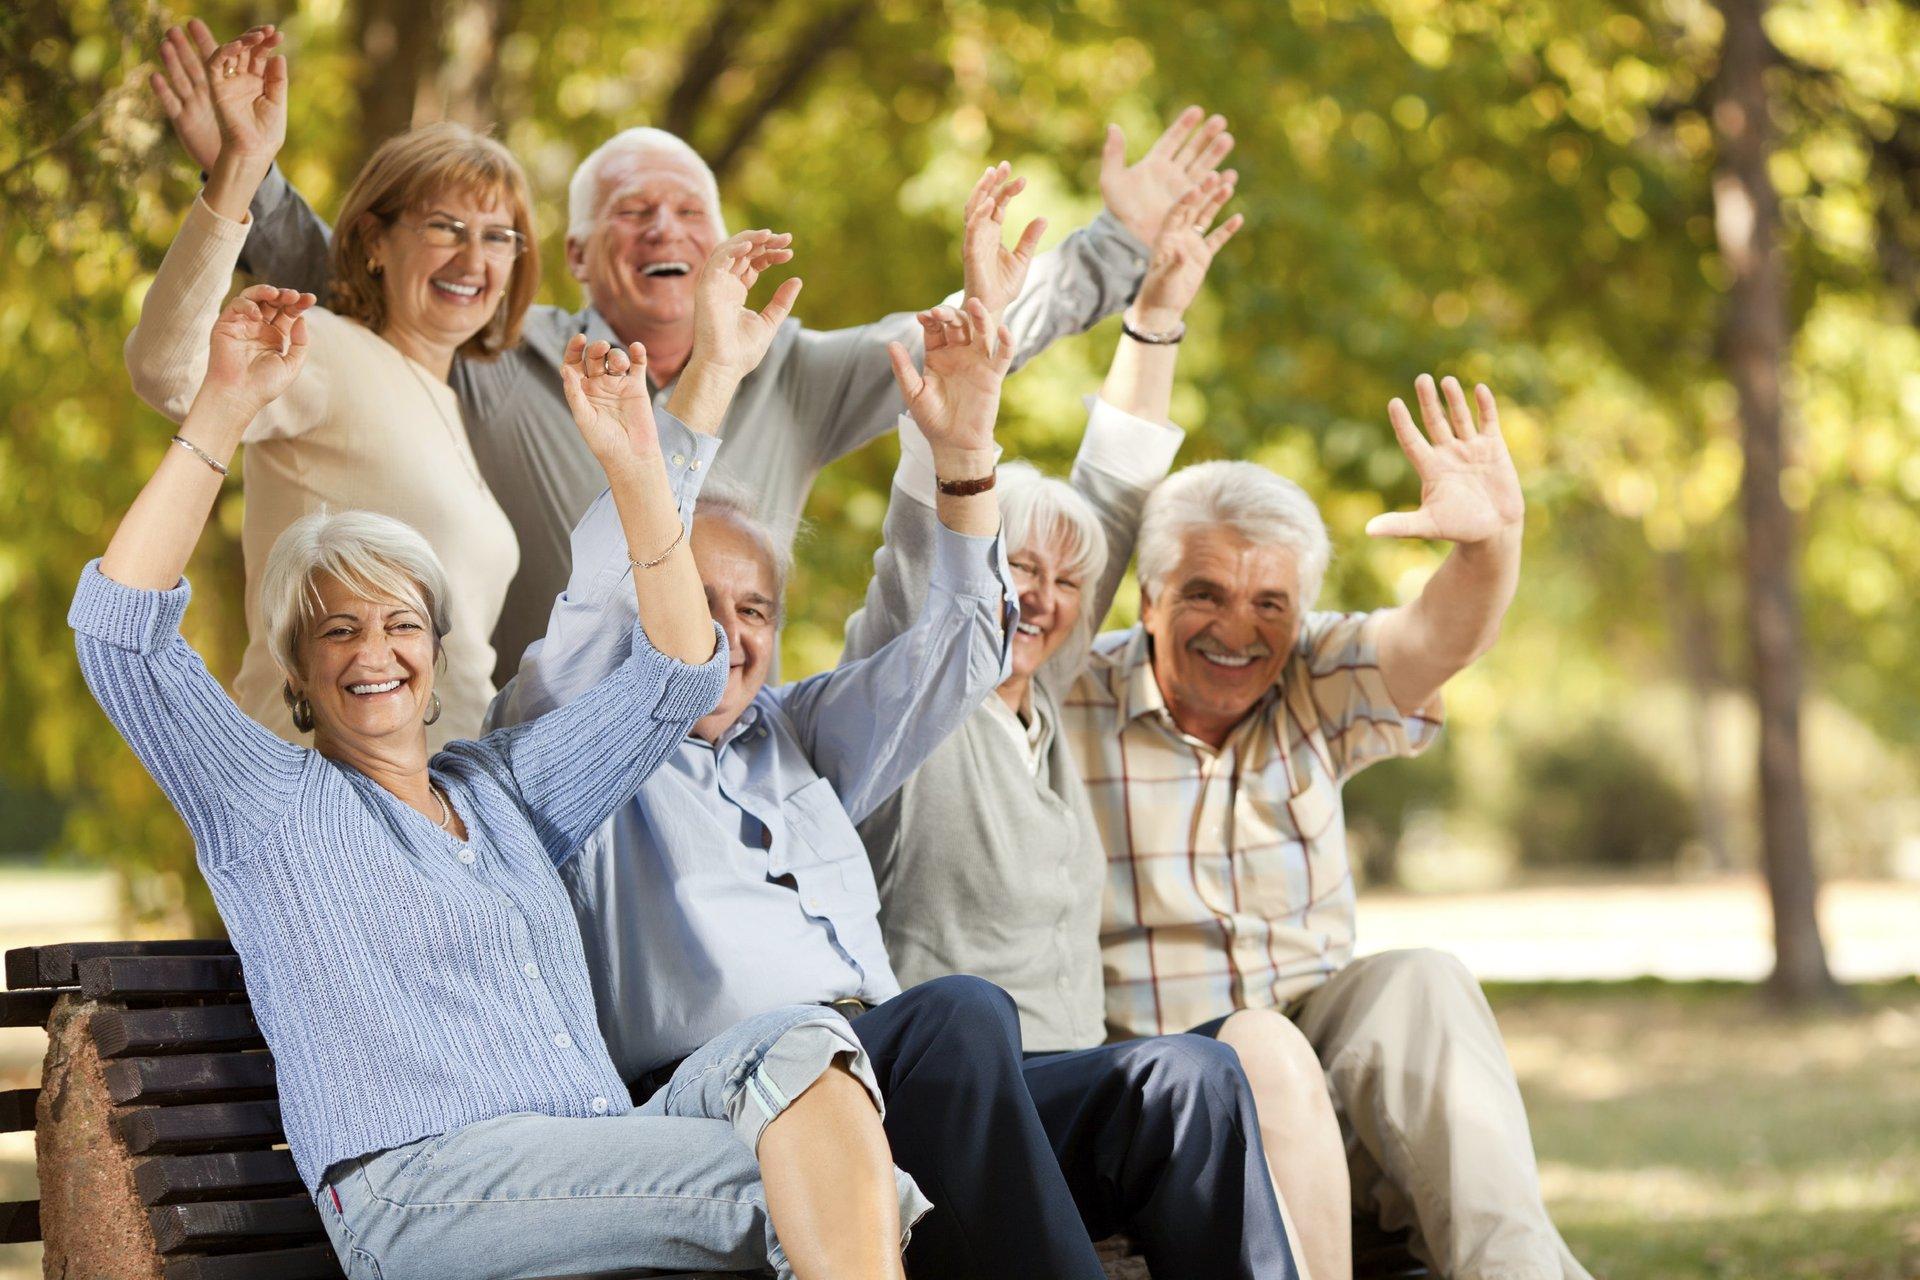 Картинки или фото с пожилыми людьми есть там